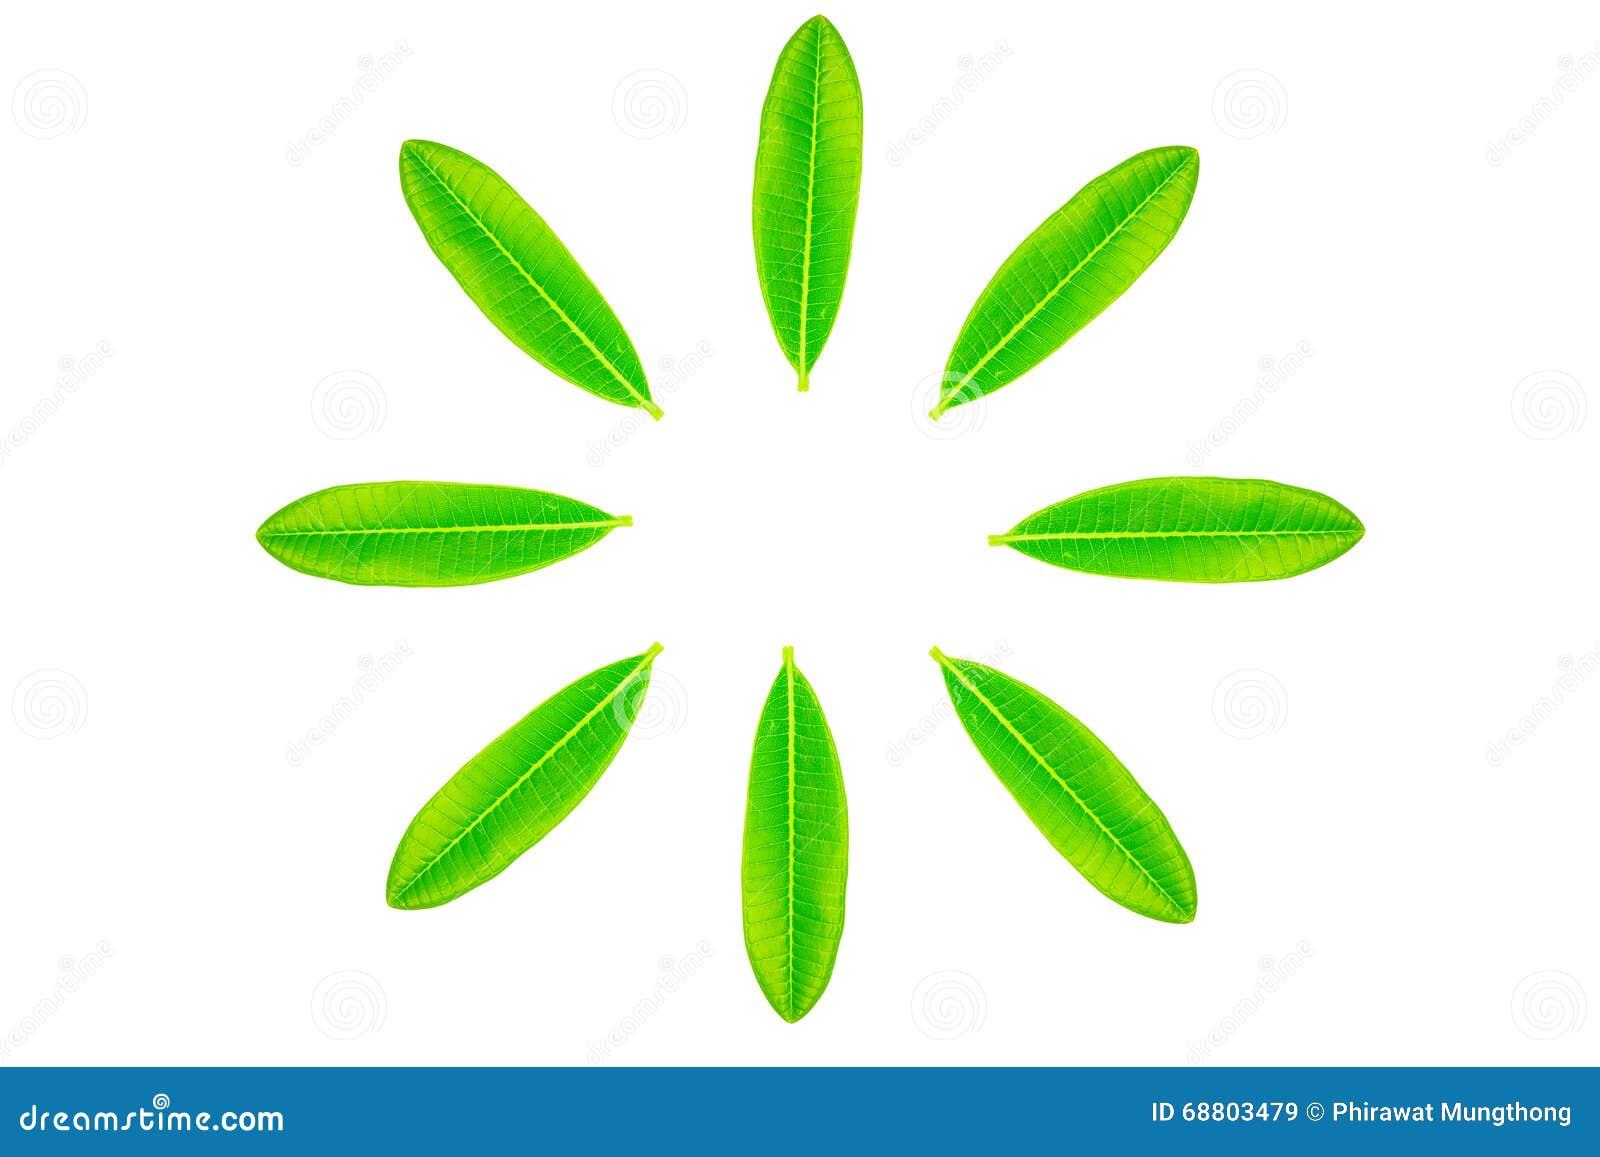 life circle leaf купить